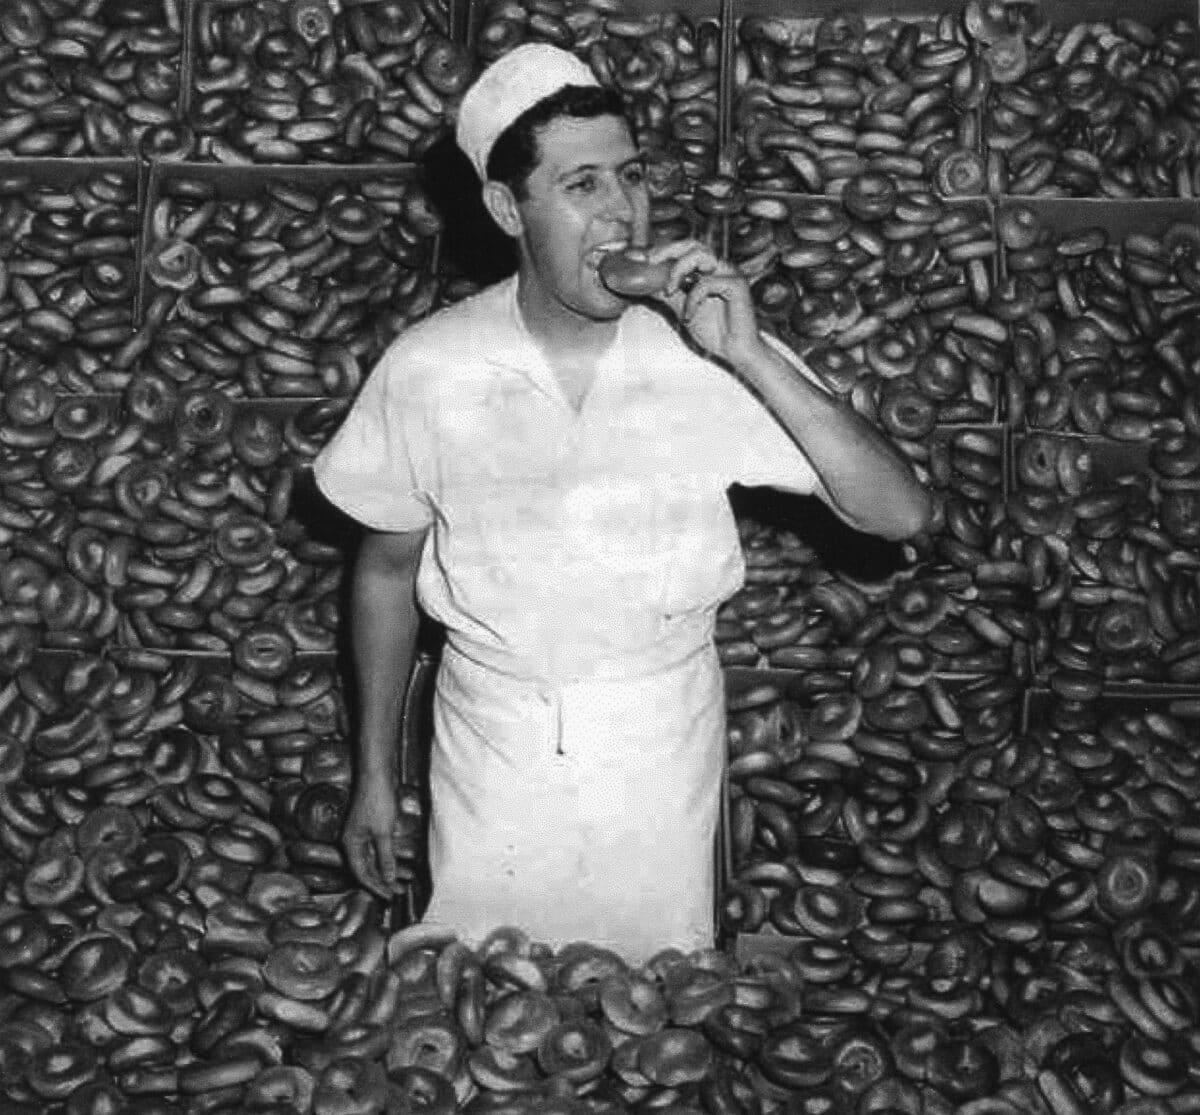 Lender's Bagels History